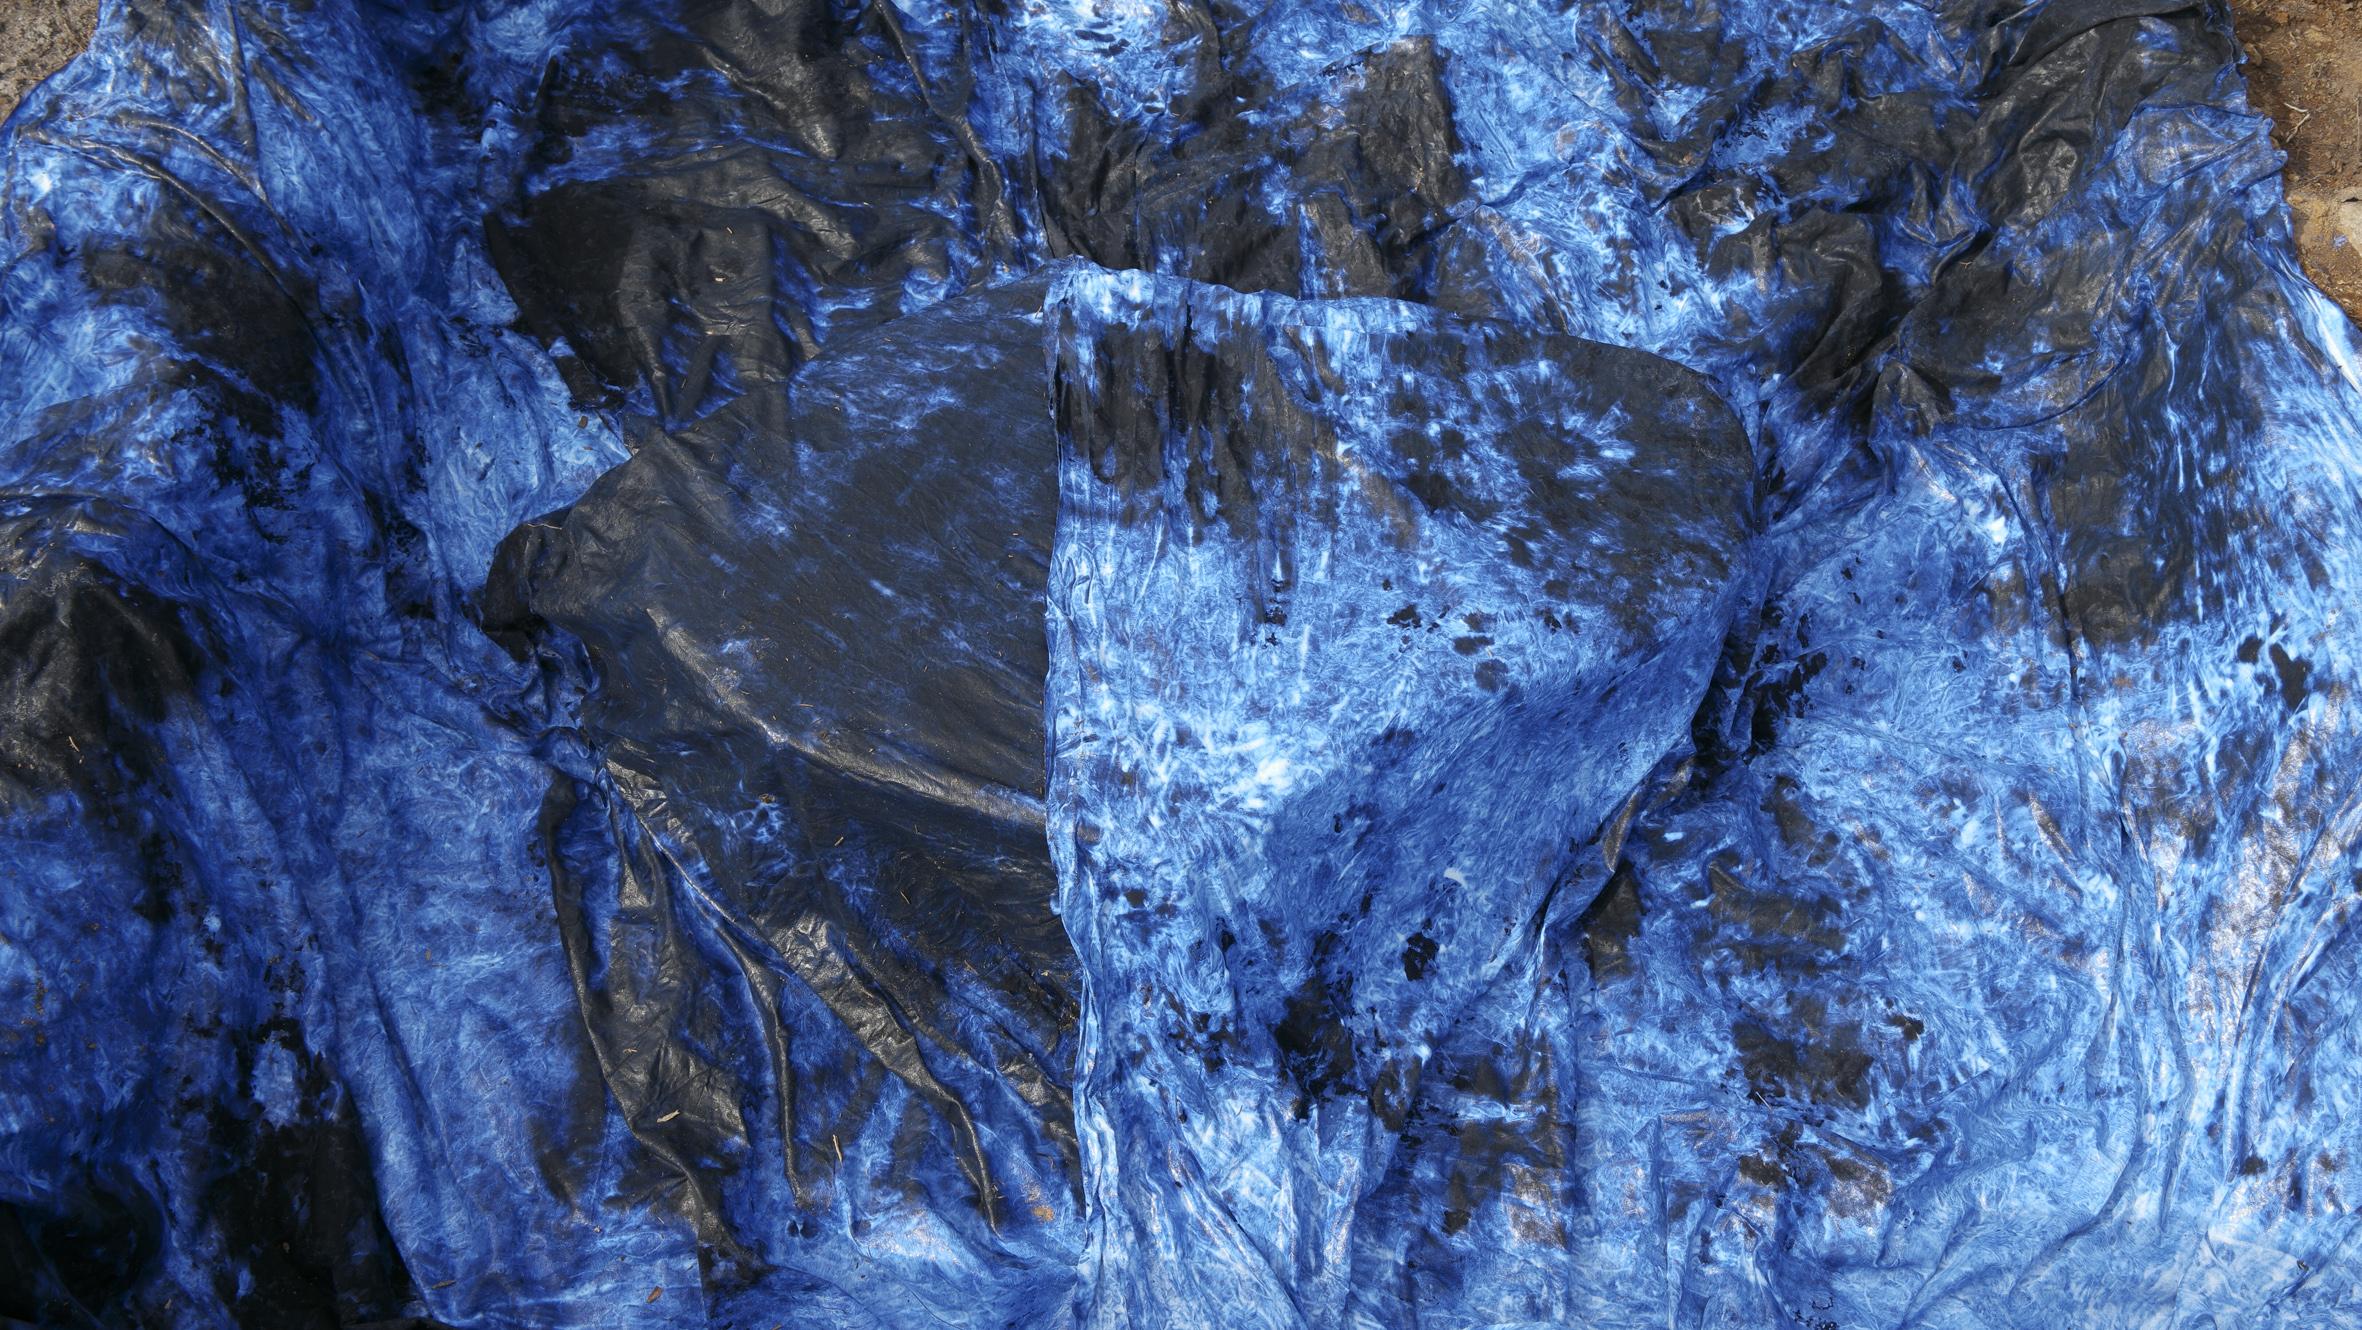 B4 Tekstilavtrykk av stein i felt Nina Torp.jpg